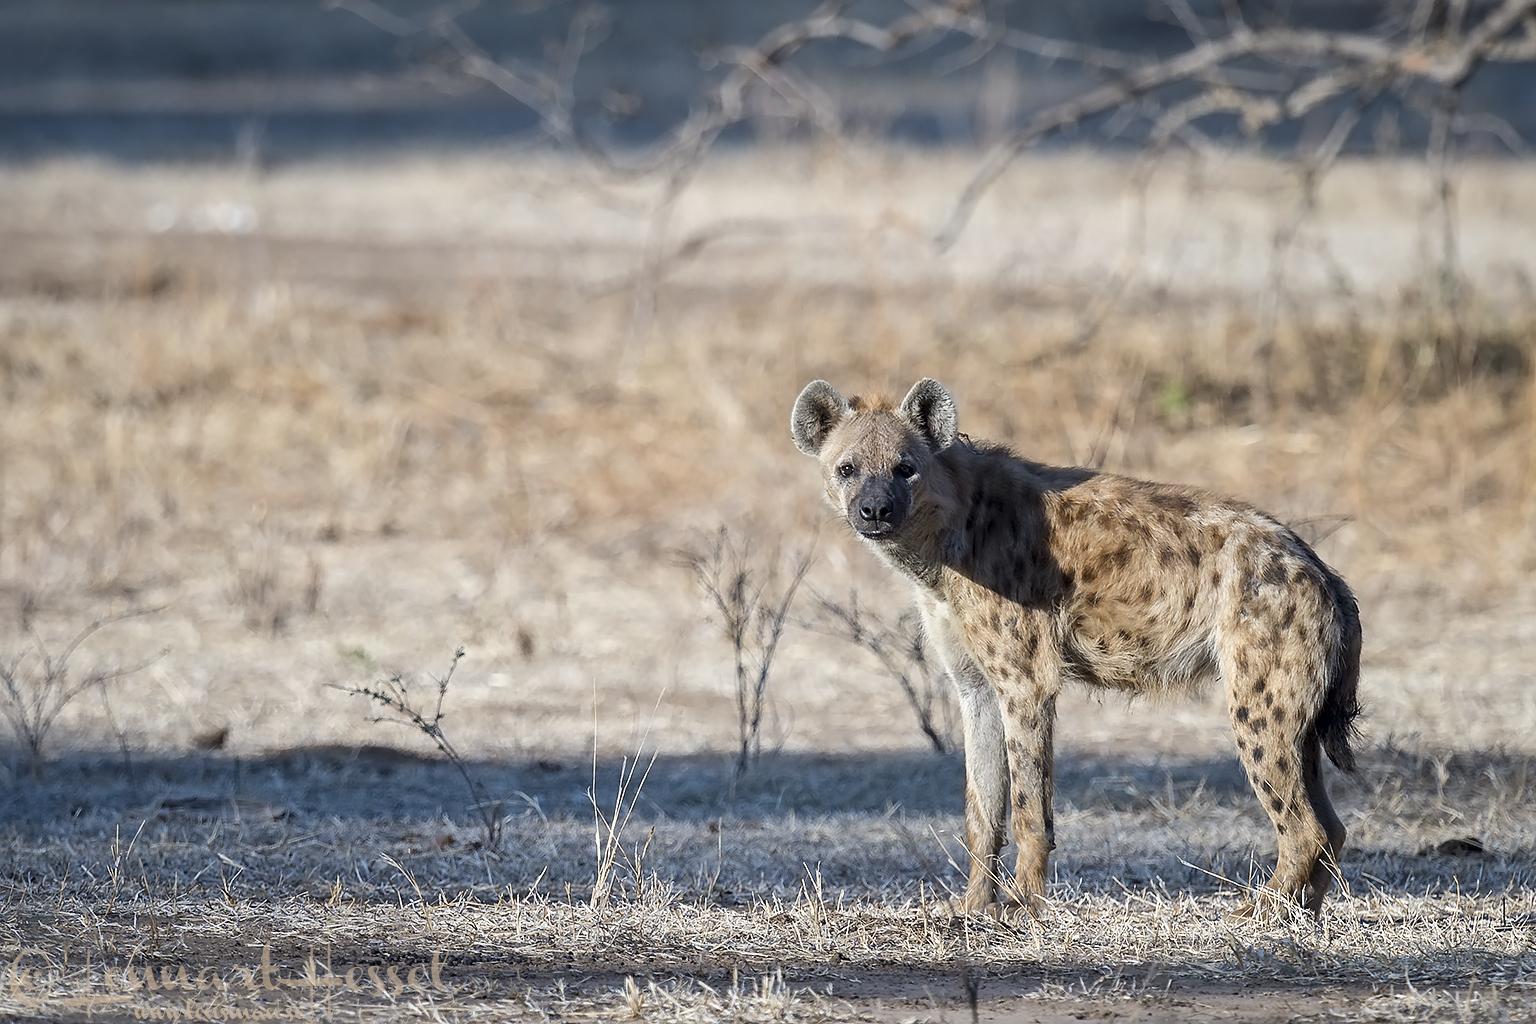 Spotted Hyena Mana Pools National Park Zimbabwe